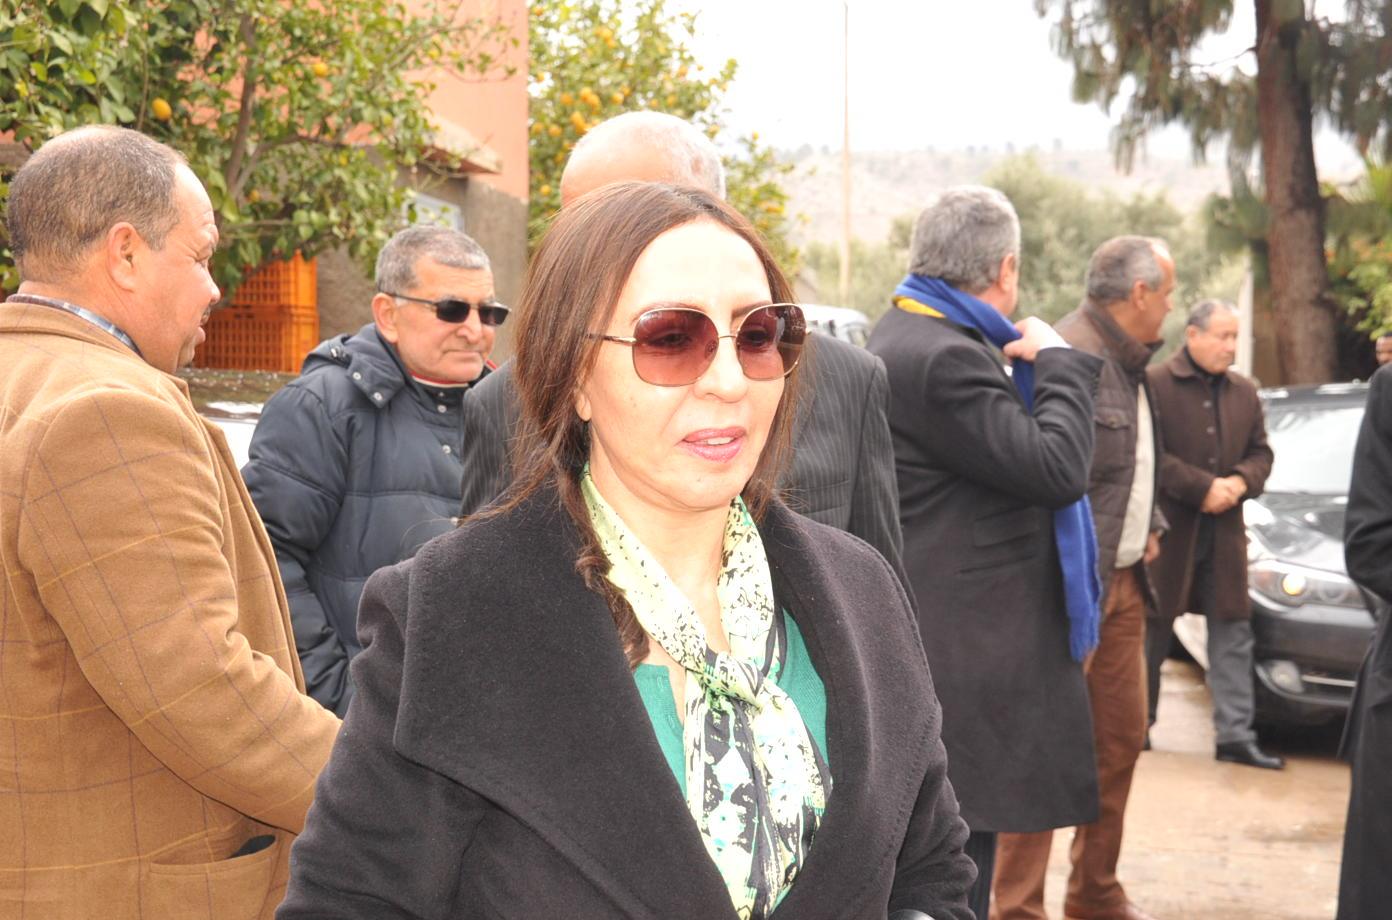 حليمة العسالي: اقليم خنيفرة من المناطق الفقيرة بالمغرب وجب العناية به